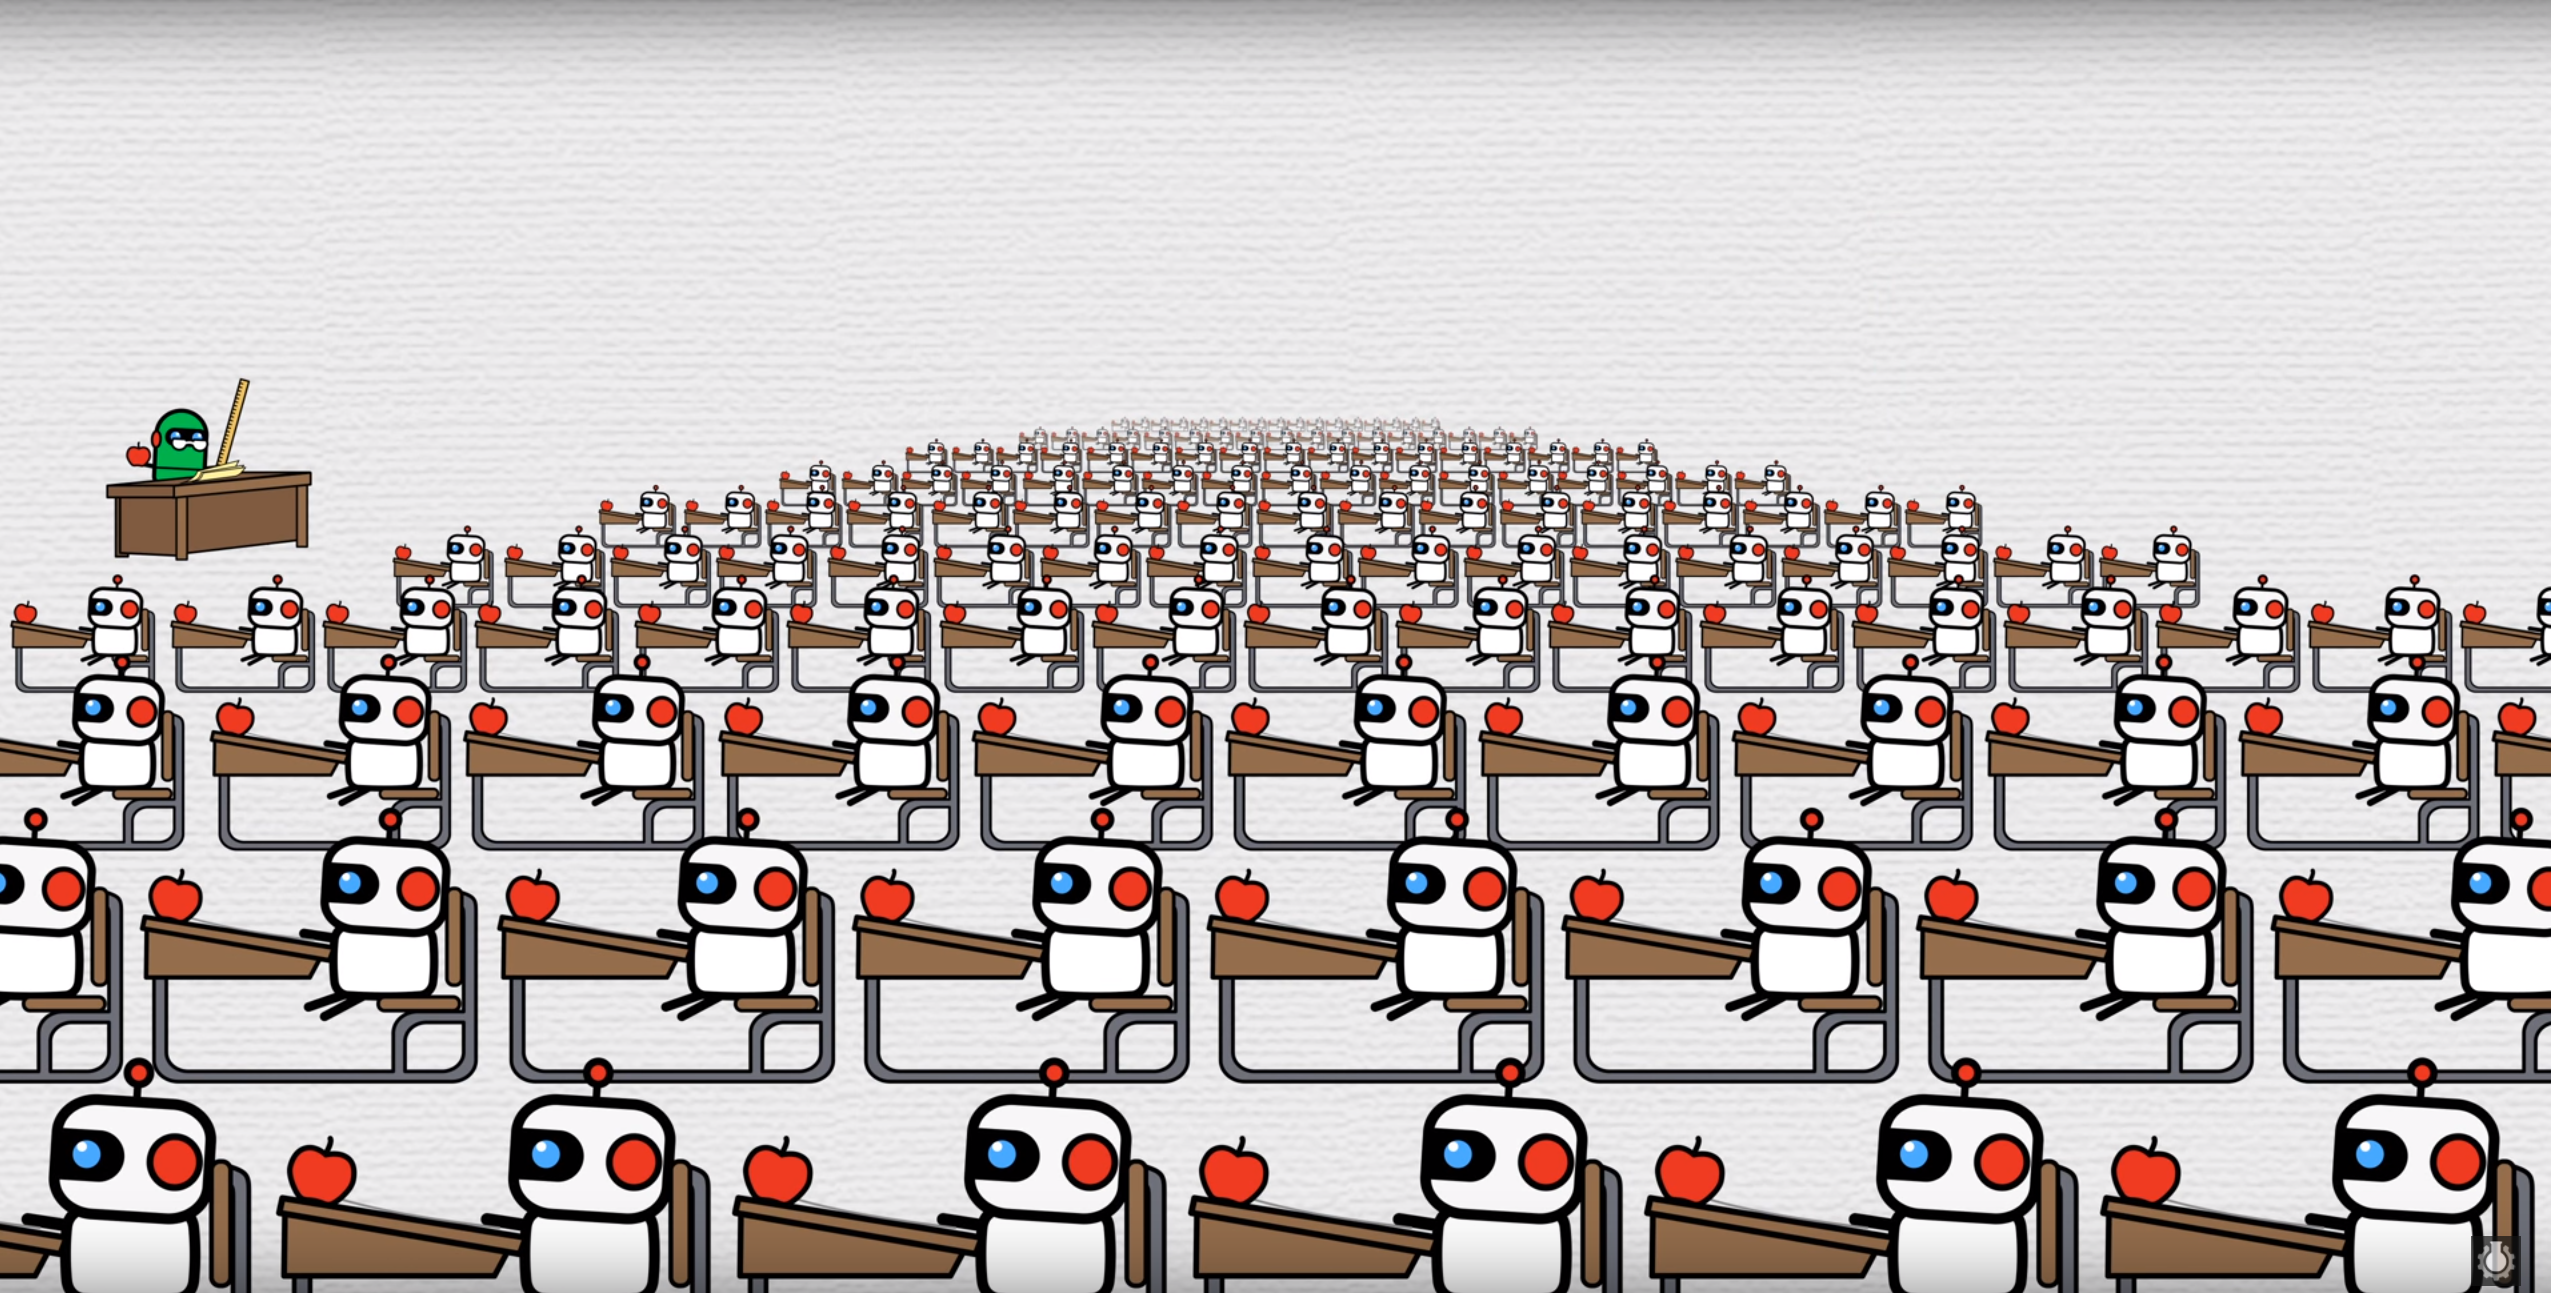 Как объяснить ребёнку, что такое машинное обучение?